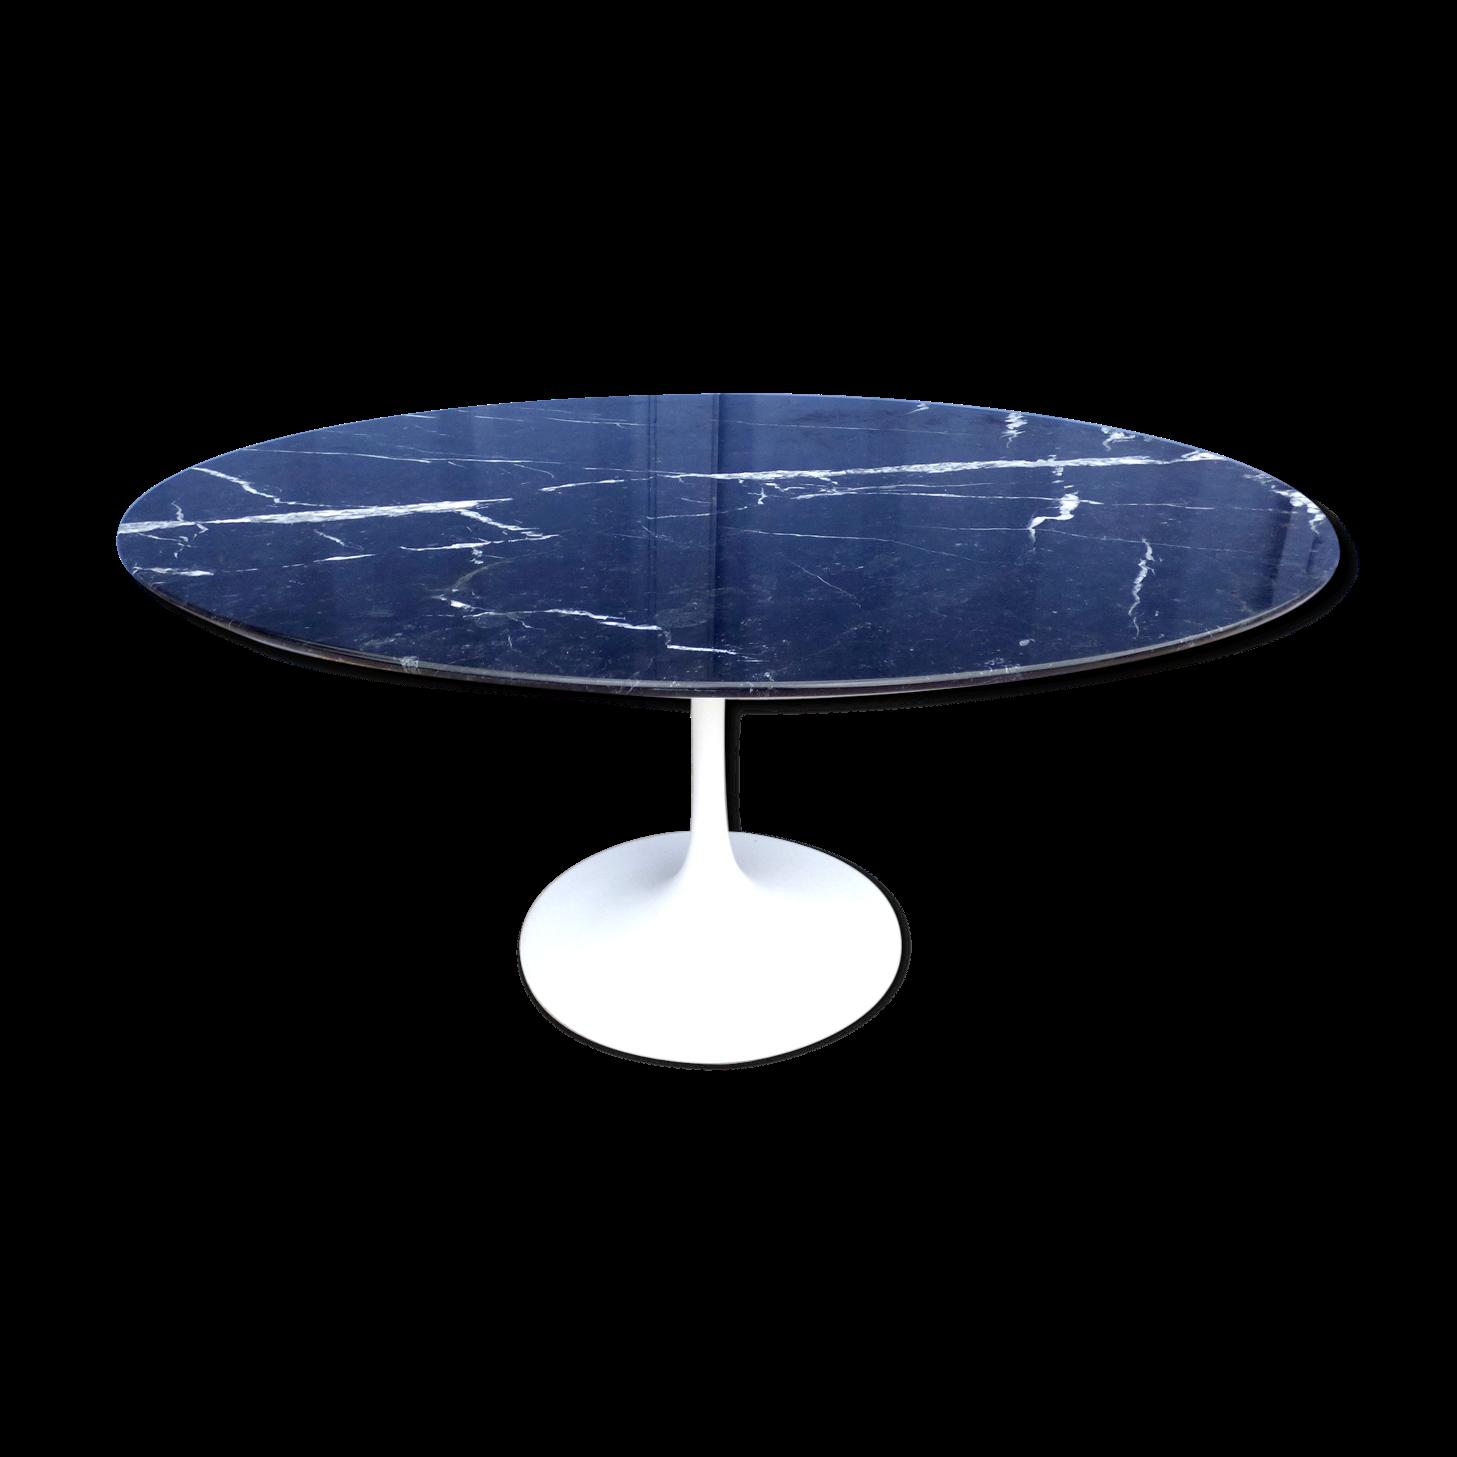 eero saarinen table tulipe ovale en marbre finest infurn check out eero saarinen s exclusive. Black Bedroom Furniture Sets. Home Design Ideas